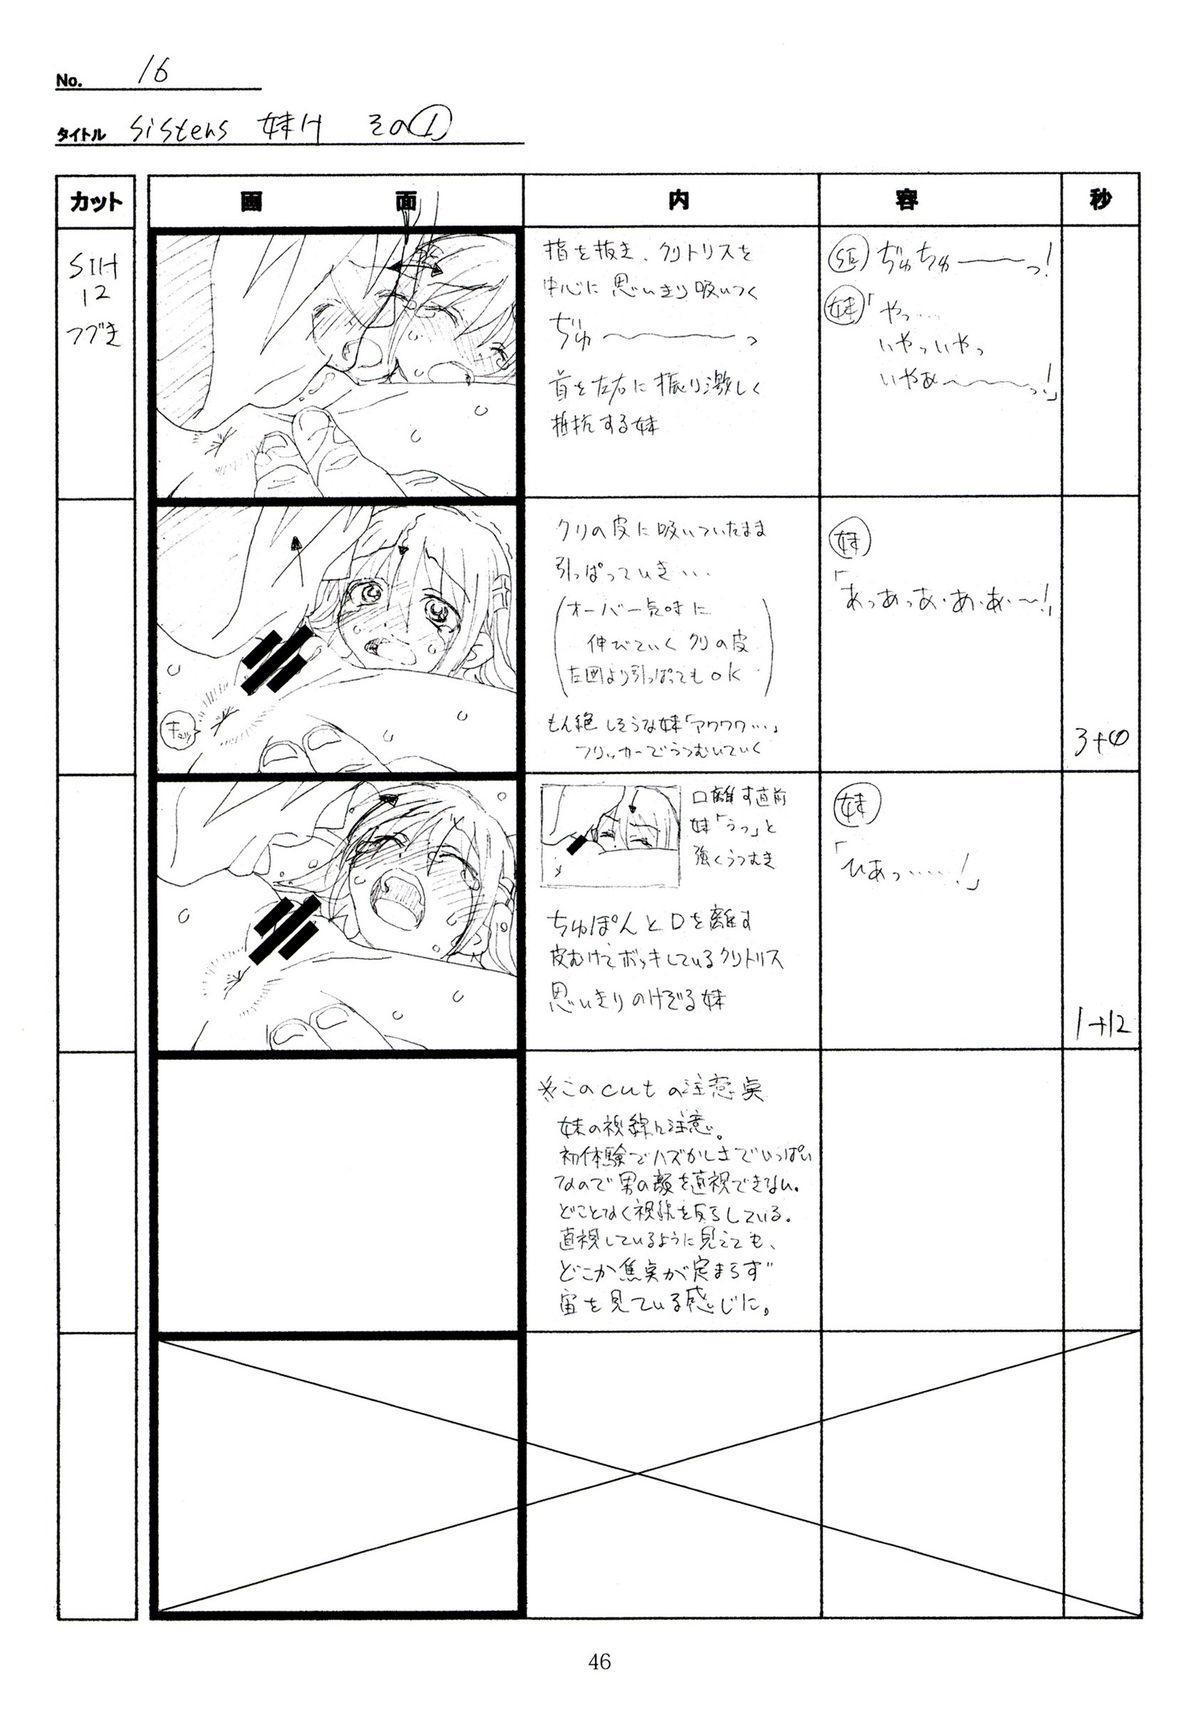 (C89) [Makino Jimusho (Taki Minashika)] SISTERS -Natsu no Saigo no Hi- H Scene All Part Storyboard (SISTERS -Natsu no Saigo no Hi-) 45